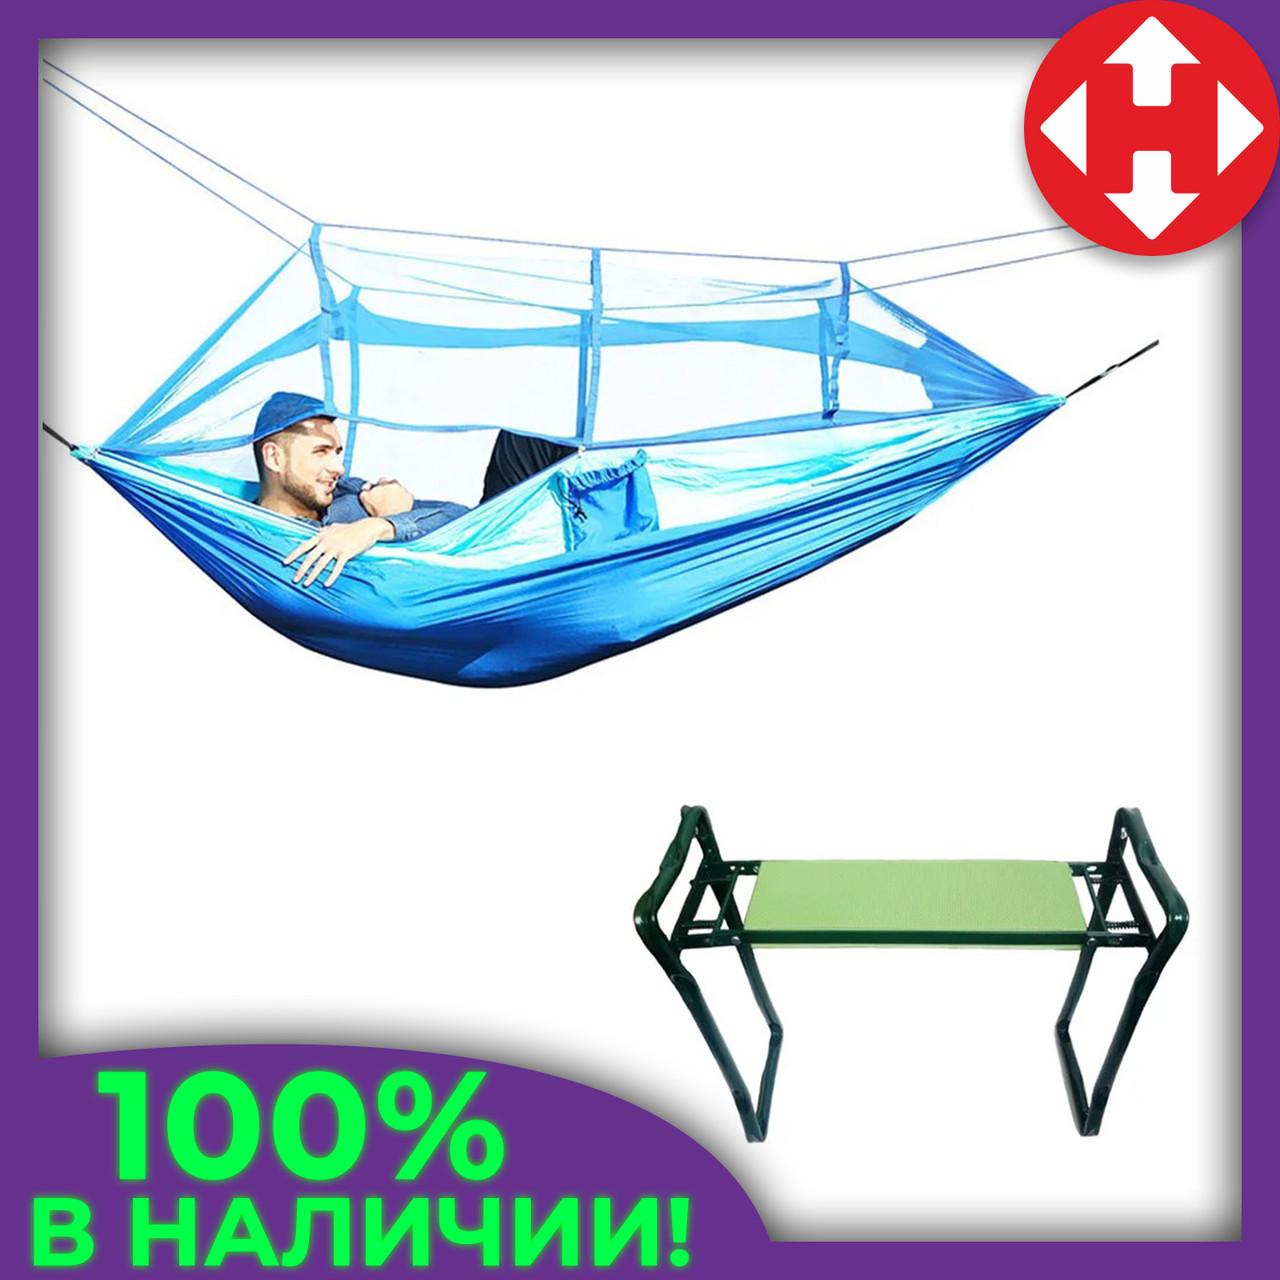 Комплект: Туристический гамак с москитной сеткой + Лавочка-подставка садовая для дачи (стульчик для огорода)